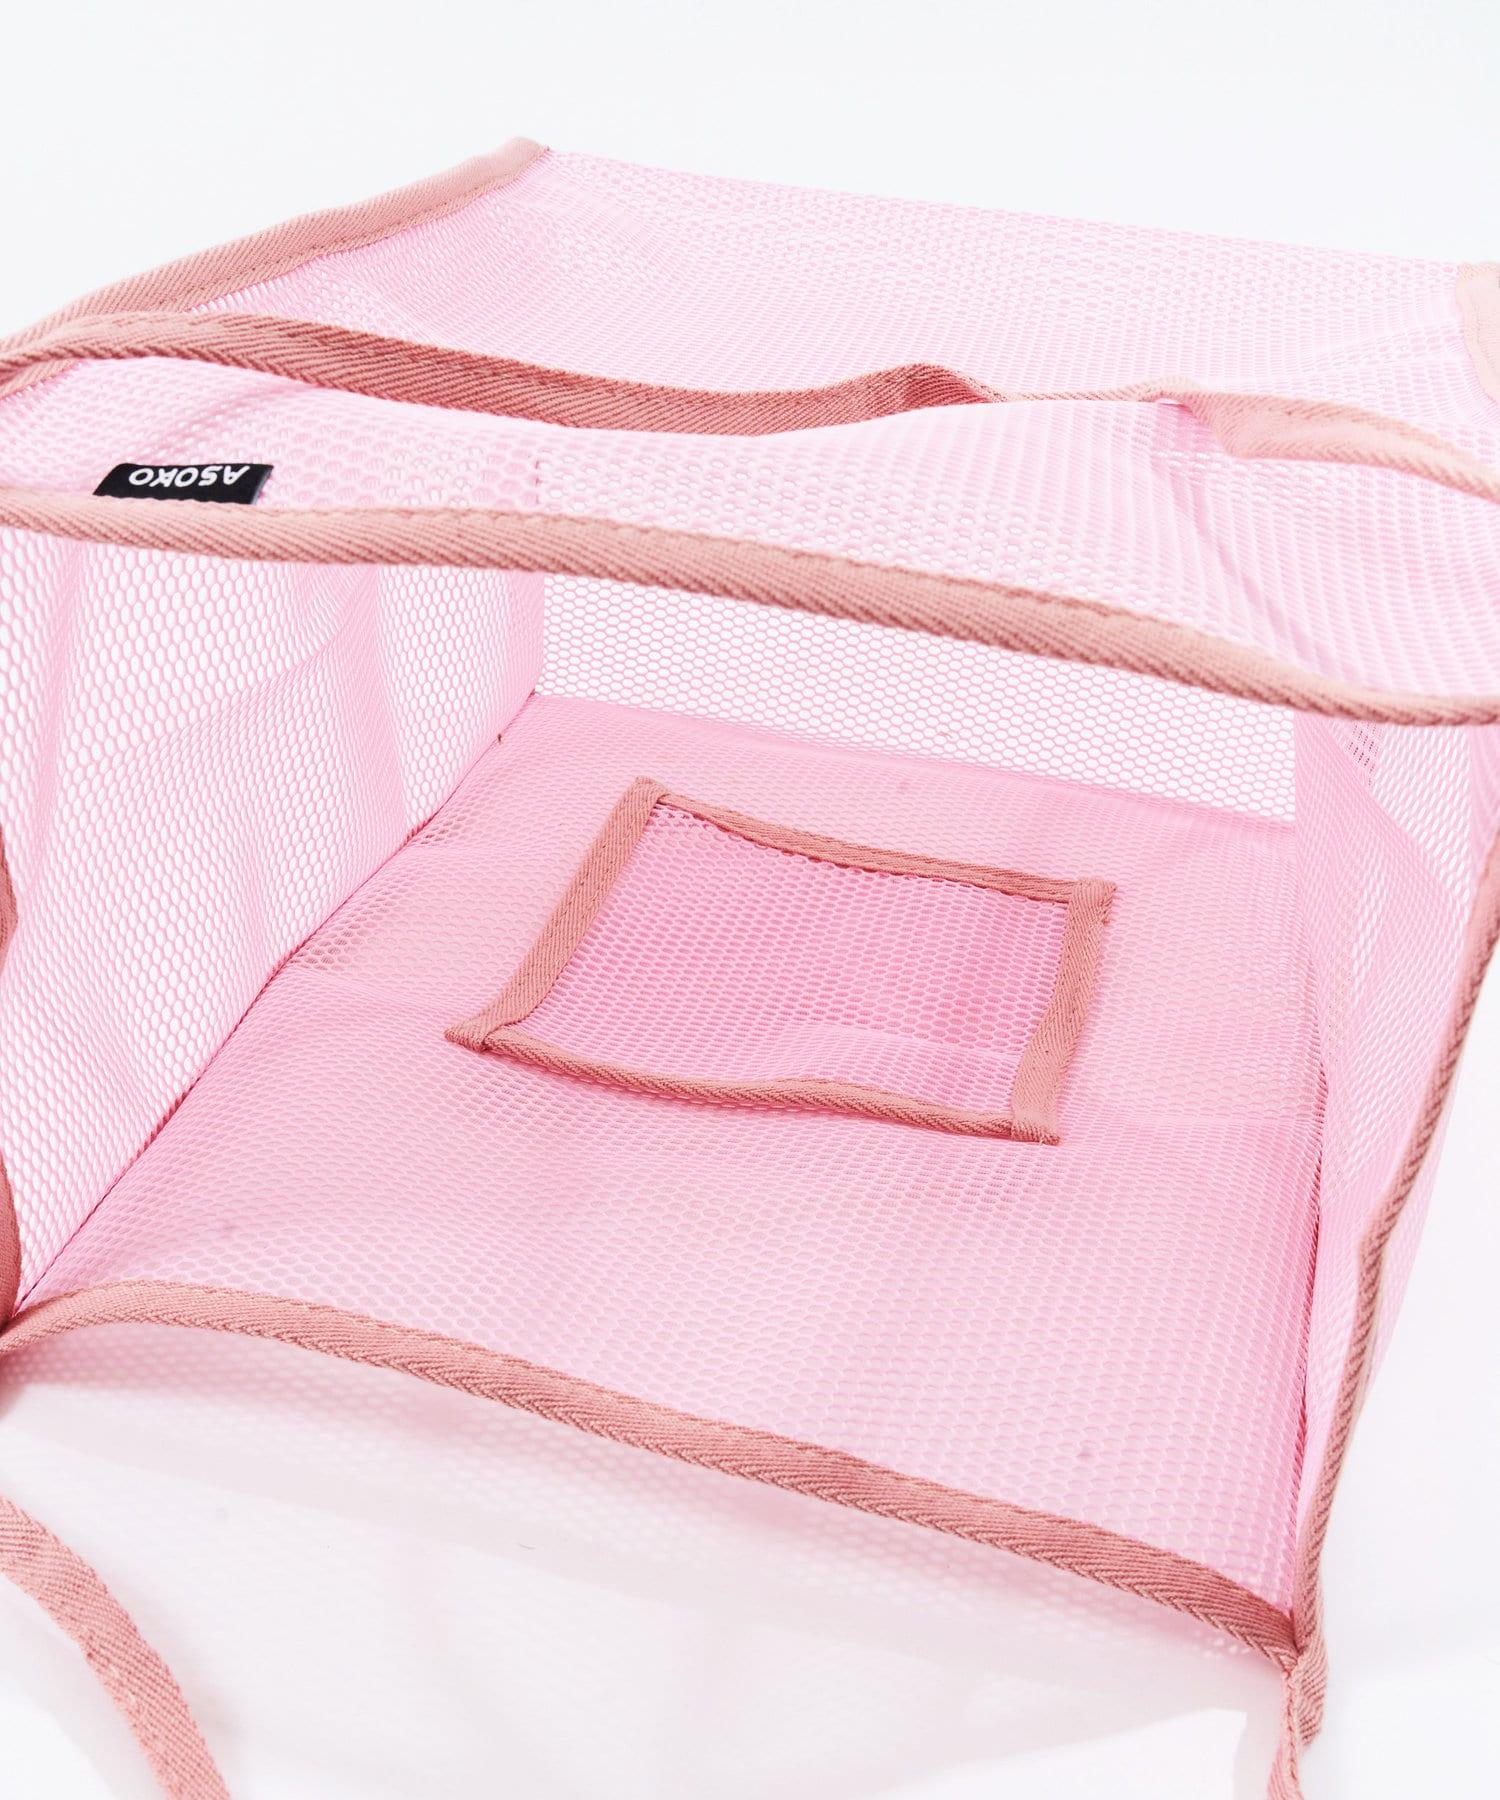 3COINS(スリーコインズ) 【ASOKO】【WEB限定色】メッシュトートバッグ